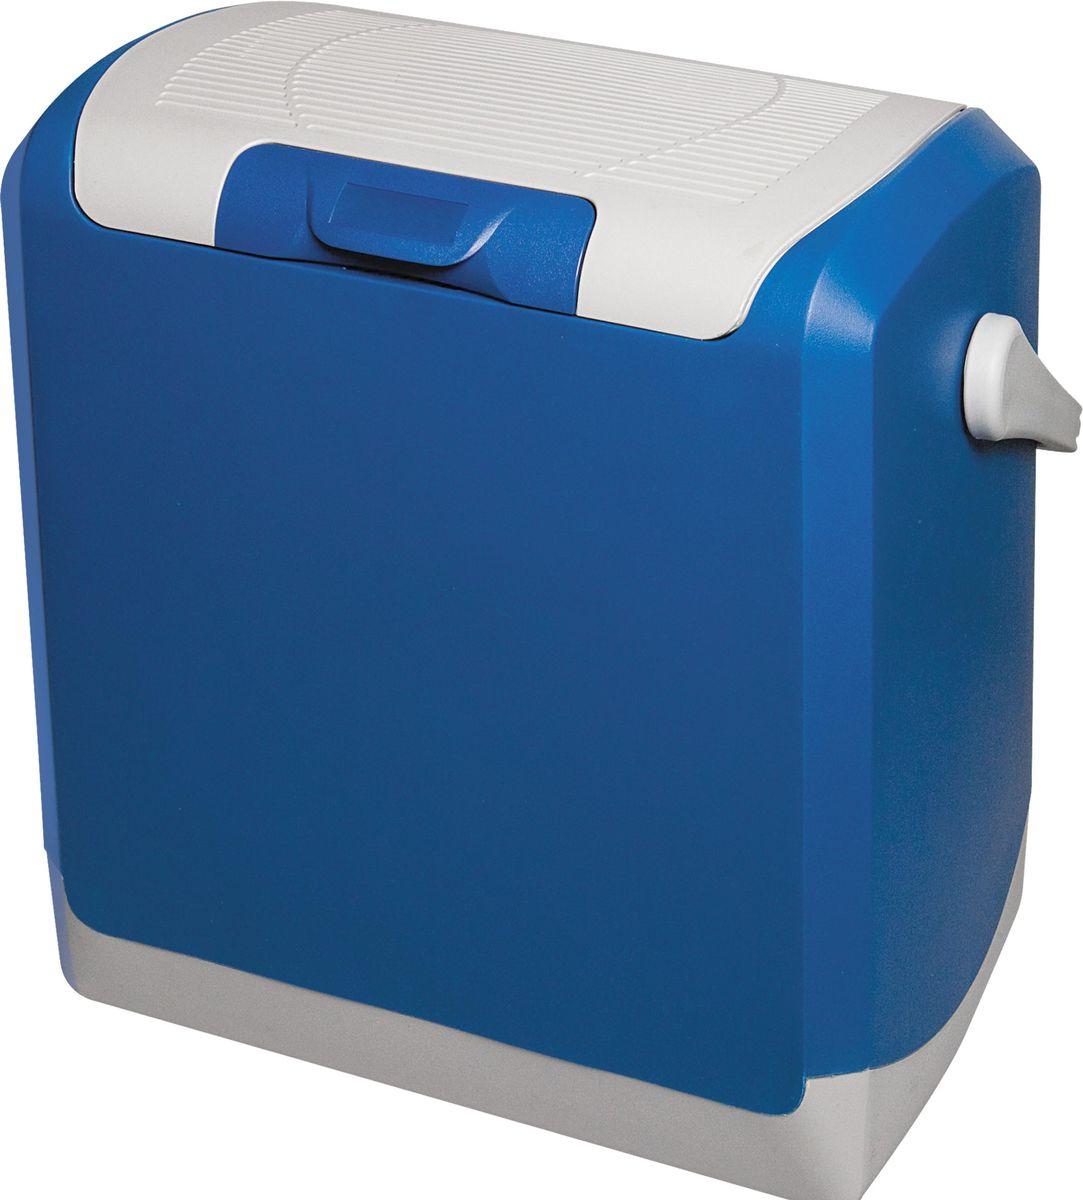 Холодильник-подогреватель термоэлектрический Zipower, 14л, 12В, 40Вт. PM 5047V30 AC DCСумка-холодильник предназначена для сохранения продуктов и напитков прохладными в жаркую погоду. Максимальное охлаждение: 18–25 °C ниже температуры окружающей среды.Работа от бортовой сети автомобиля 12 вольт. Модель оснащена интеллектуальной системой энергосбережения. Система управления питанием выберет нужный режим охлаждения и переведет автохолодильник в режим пониженного энергопотребления.Внутренняя камера изготовлена из экологически чистого пластика, допускается к контакту с пищевыми продуктами и соответствует экологическим стандартам и нормативам.Конструкция крышки и форм-фактор внутренней части корпуса позволяют разместить в вертикальном положении внутри камеры бутылки объемом до 2 литров.Напряжение: 12 В Максимальный нагрев: до 65 °C Мощность охлаждения/нагрева: 40 Вт Объем: 14 л Размеры: 383 х 254 х 425 мм Вес: 3,5 кг Верхнее расположение вентилятора Подключается к бытовой сети через адаптер РМ0515 (поставляется отдельно)